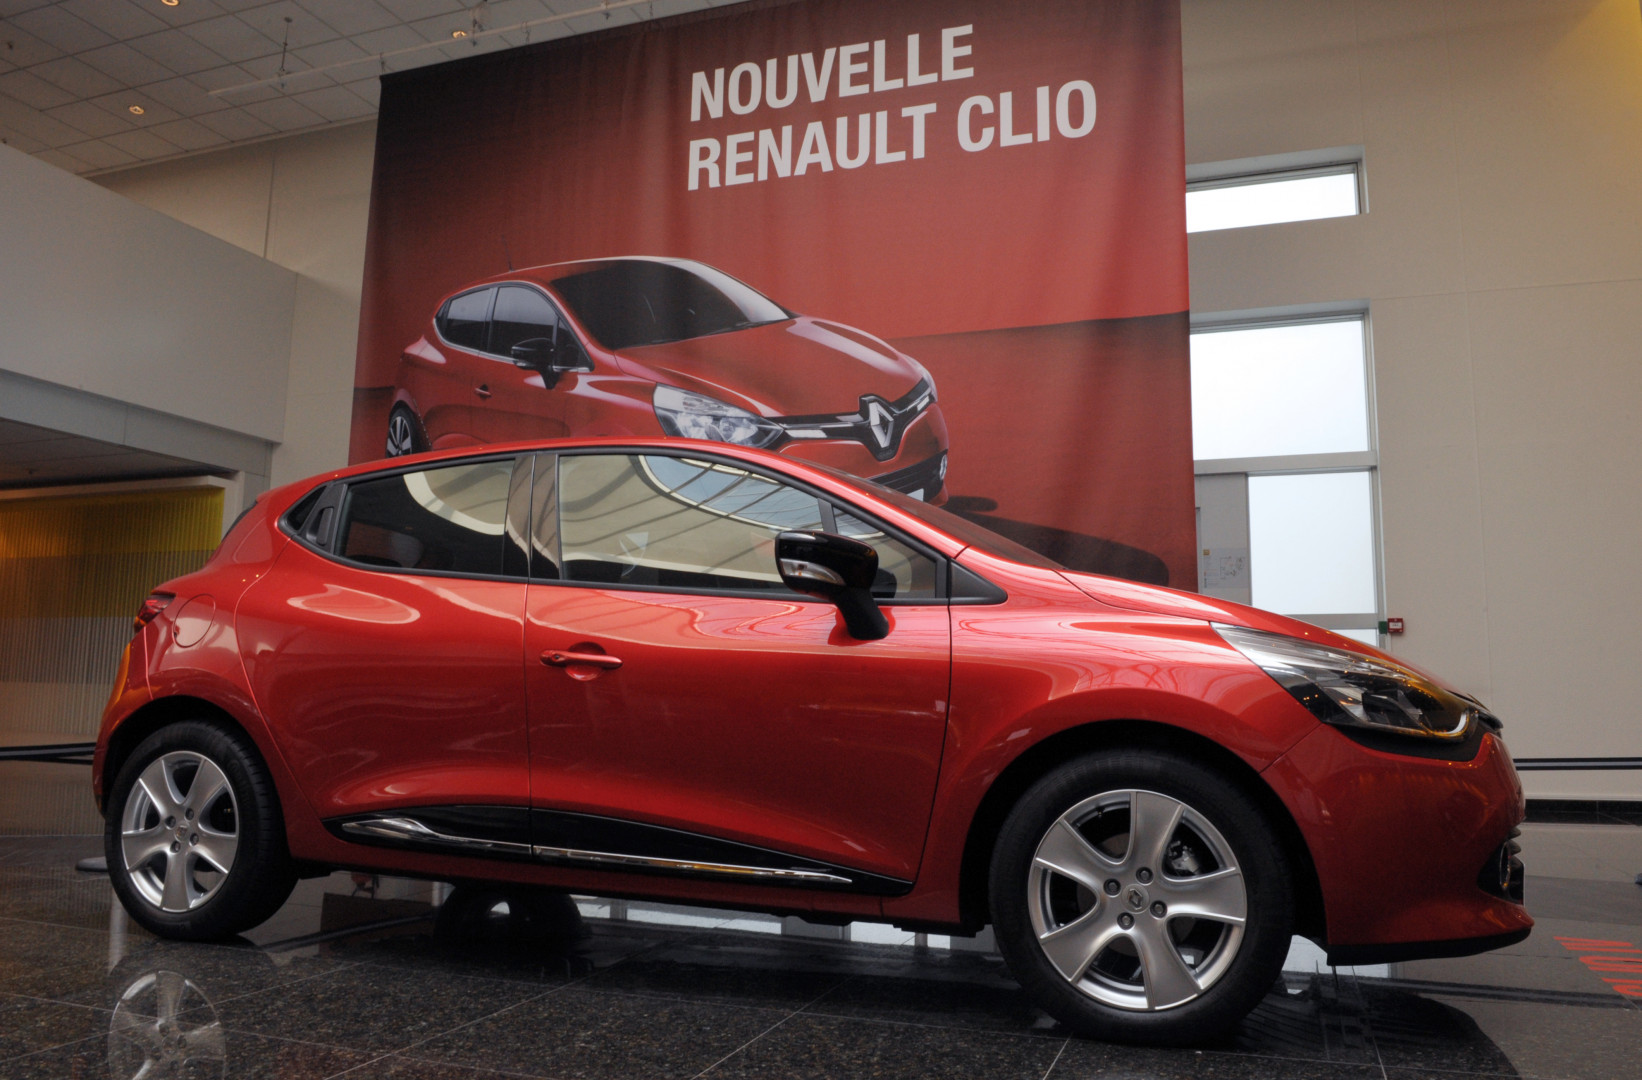 1 - La Renault Clio 4 est la voiture la plus volée en France, en 2018